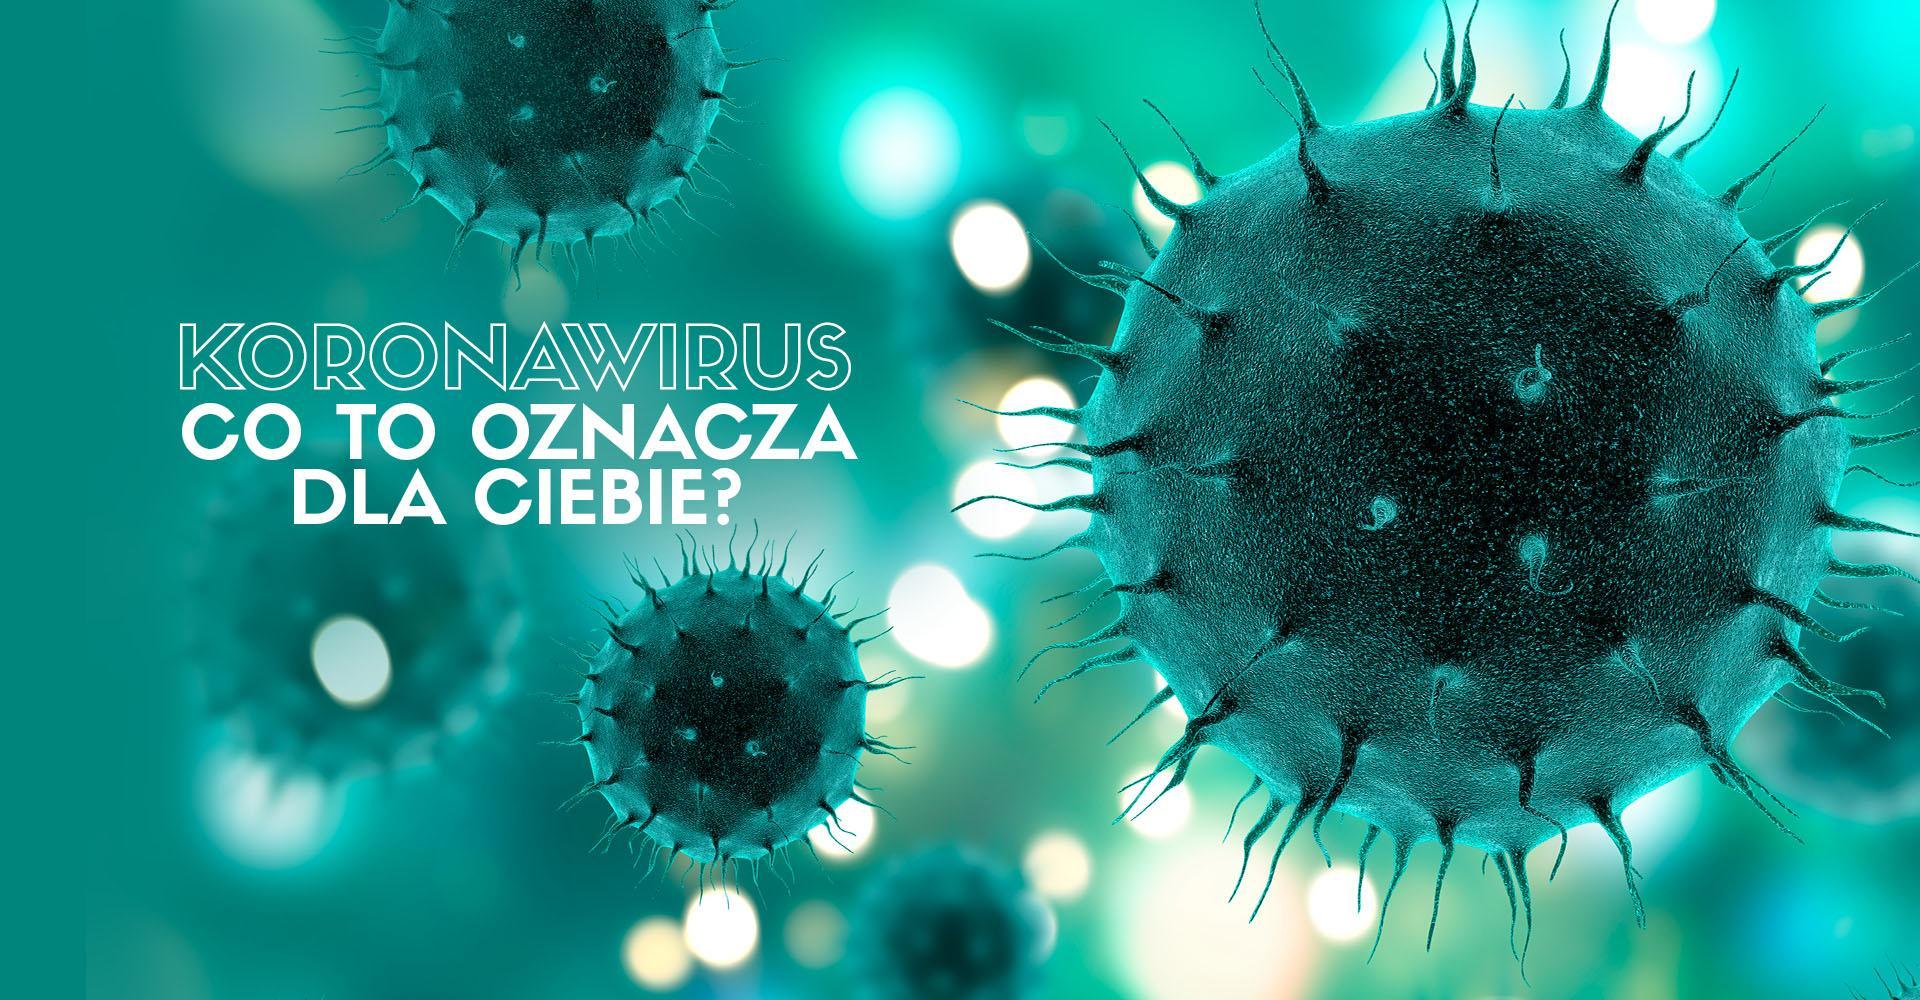 koronawirus co to oznacza dla Ciebie, jak zminimalizować ryzyko zakażenia?!